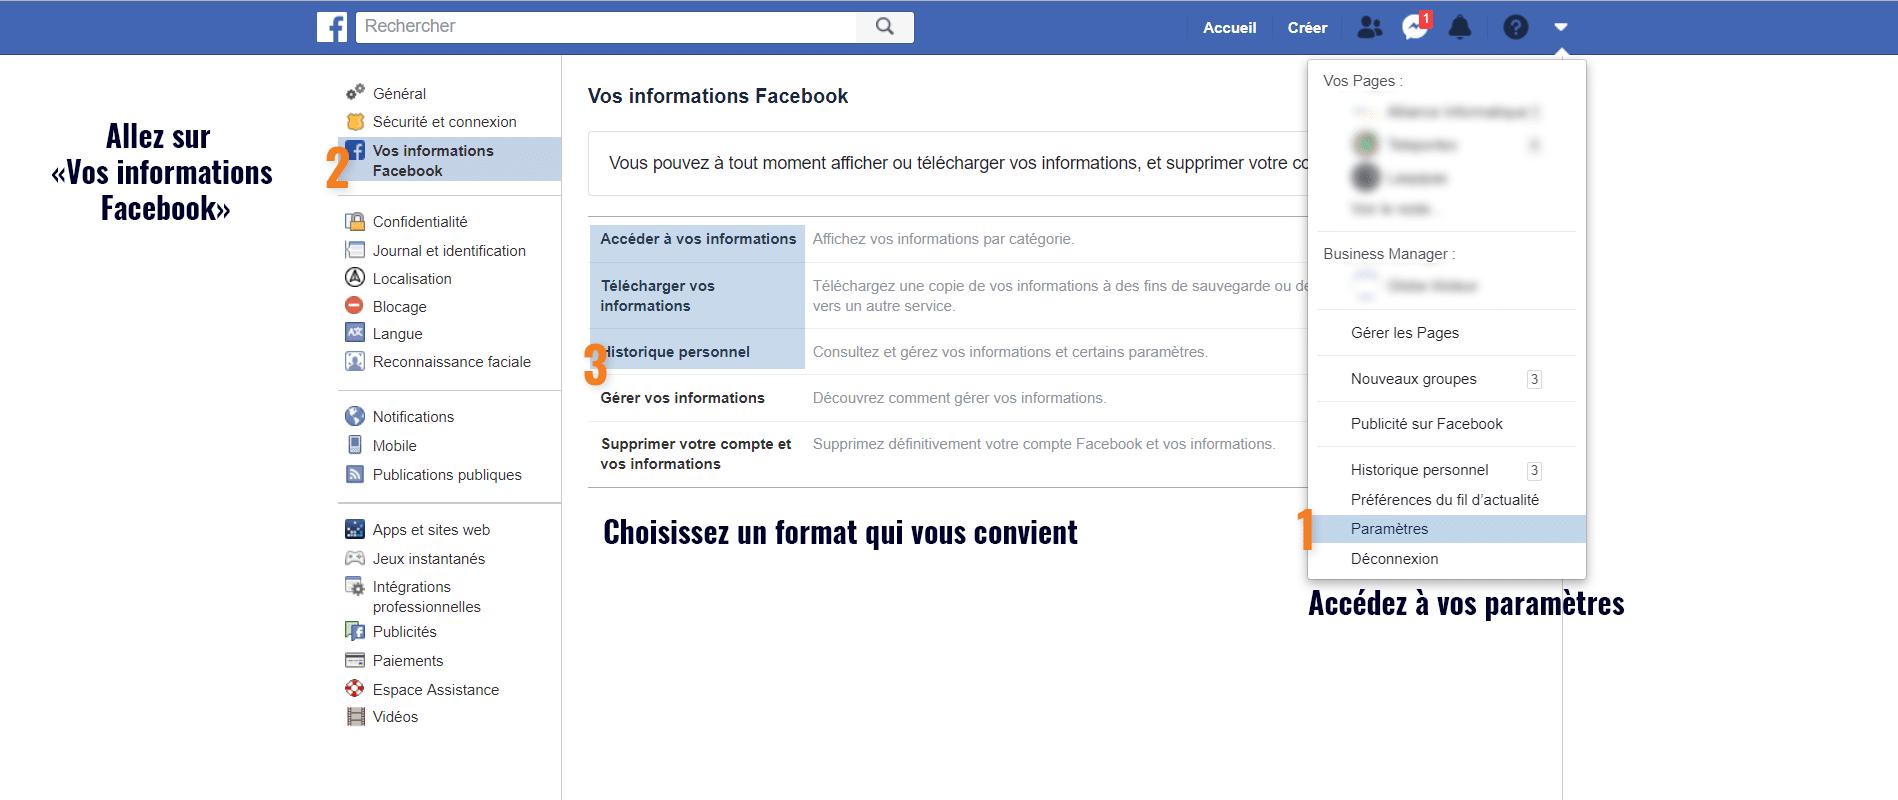 Tuto imagé pour obtenir ses données personnelles sur facebook